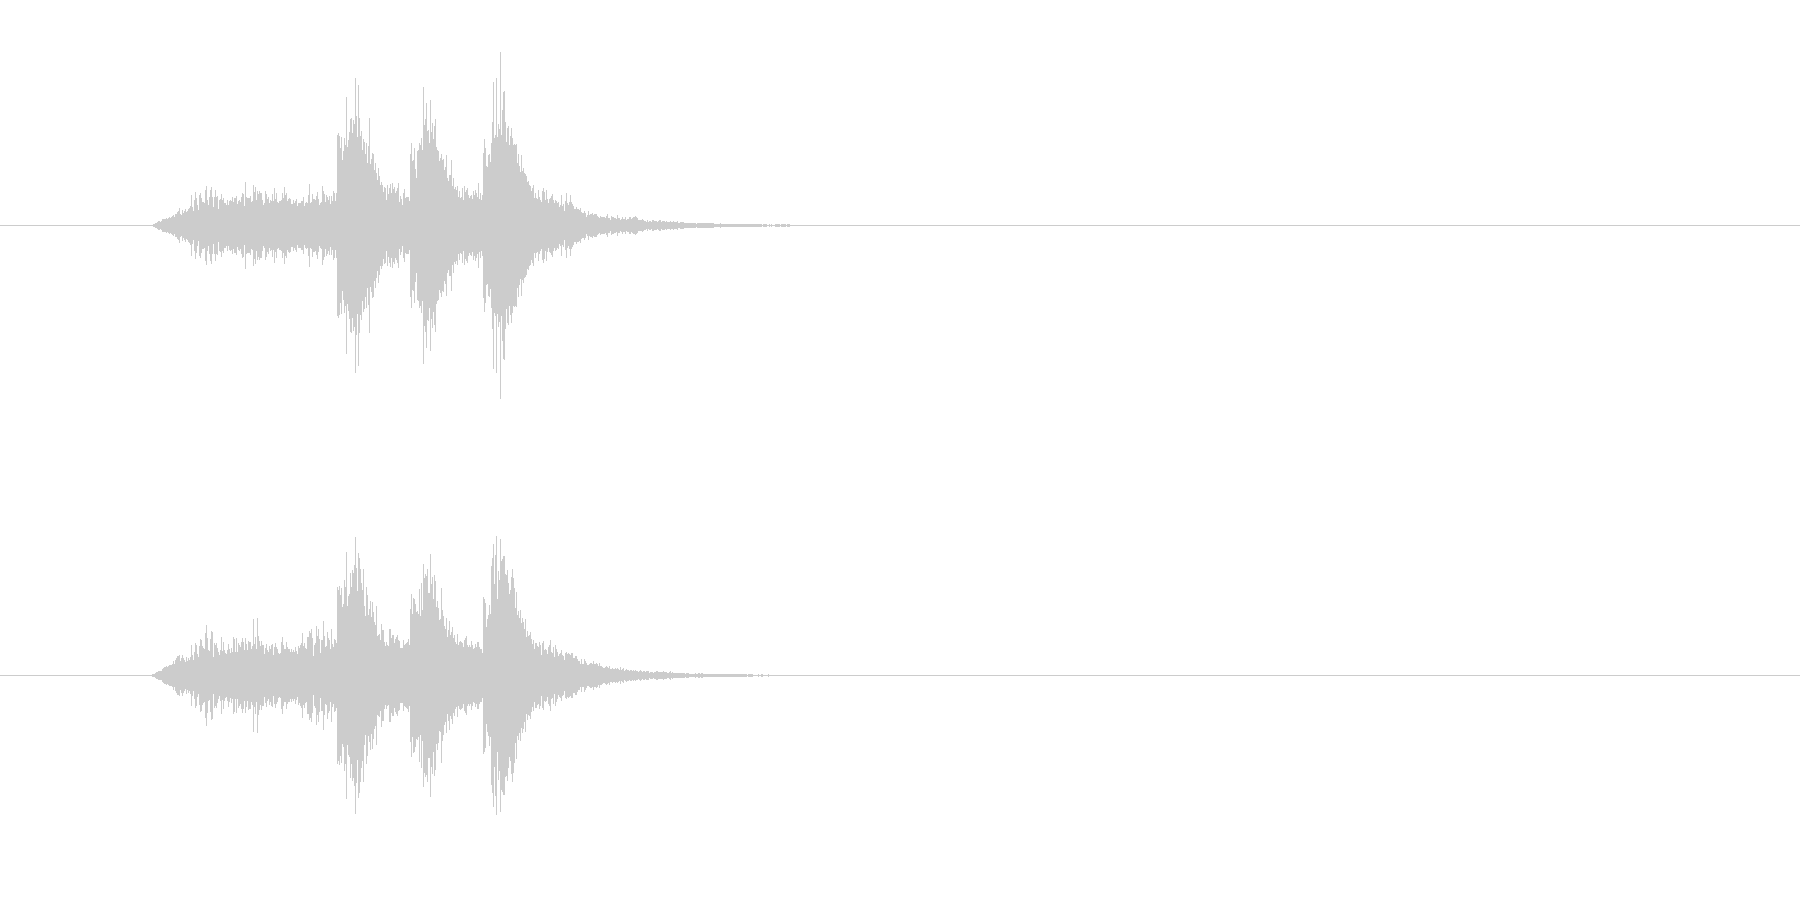 ジングル(サウンド・ロゴ風)の未再生の波形